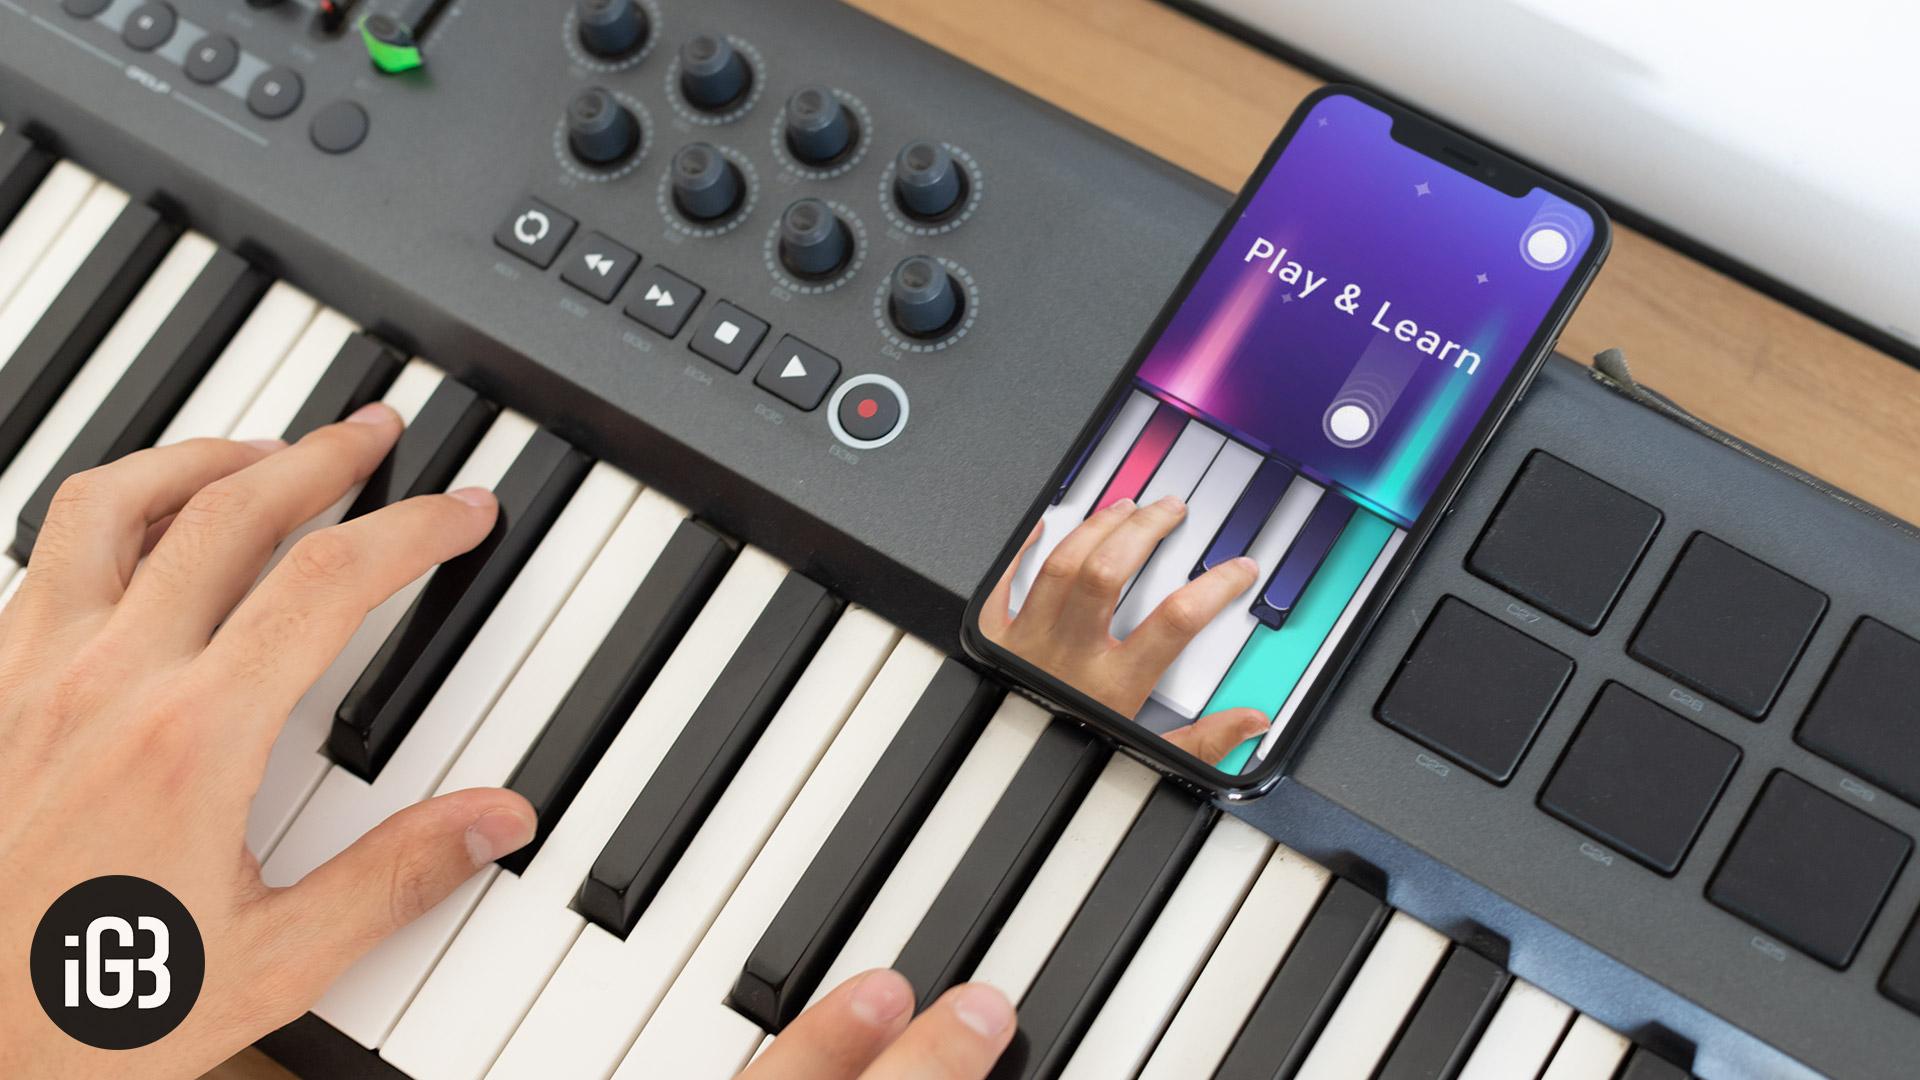 Las mejores aplicaciones para iPhone y iPad para aprender piano en 2019: tocar el piano como un profesional